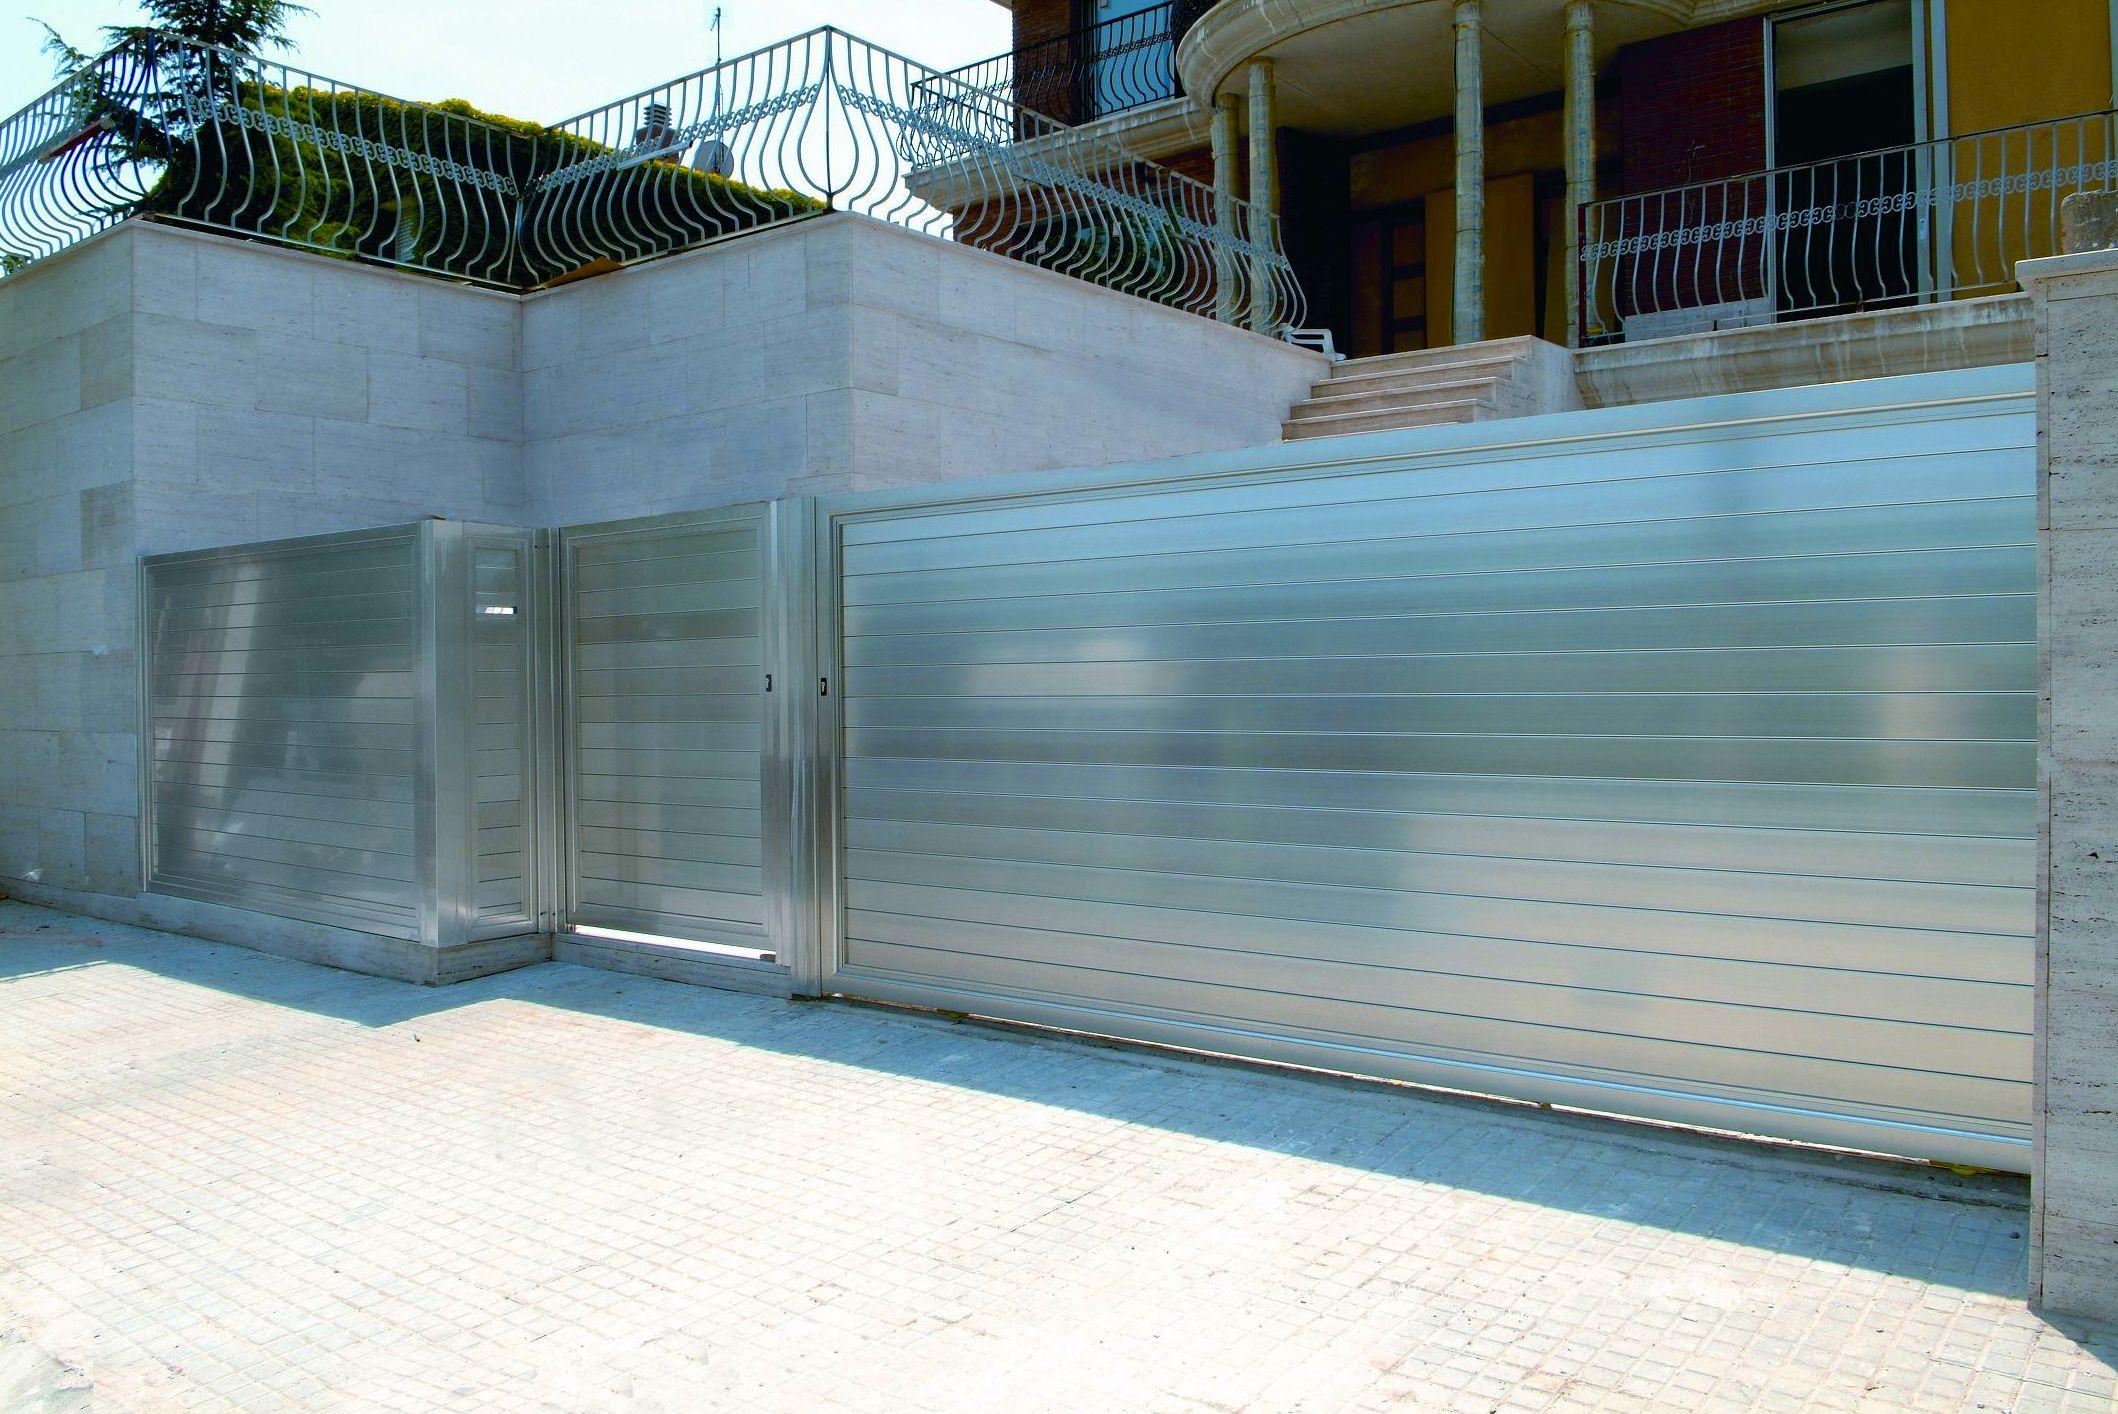 puerta corredera de aluminio en plata anodizado brillo inoxidable con puerta peatonal y valla